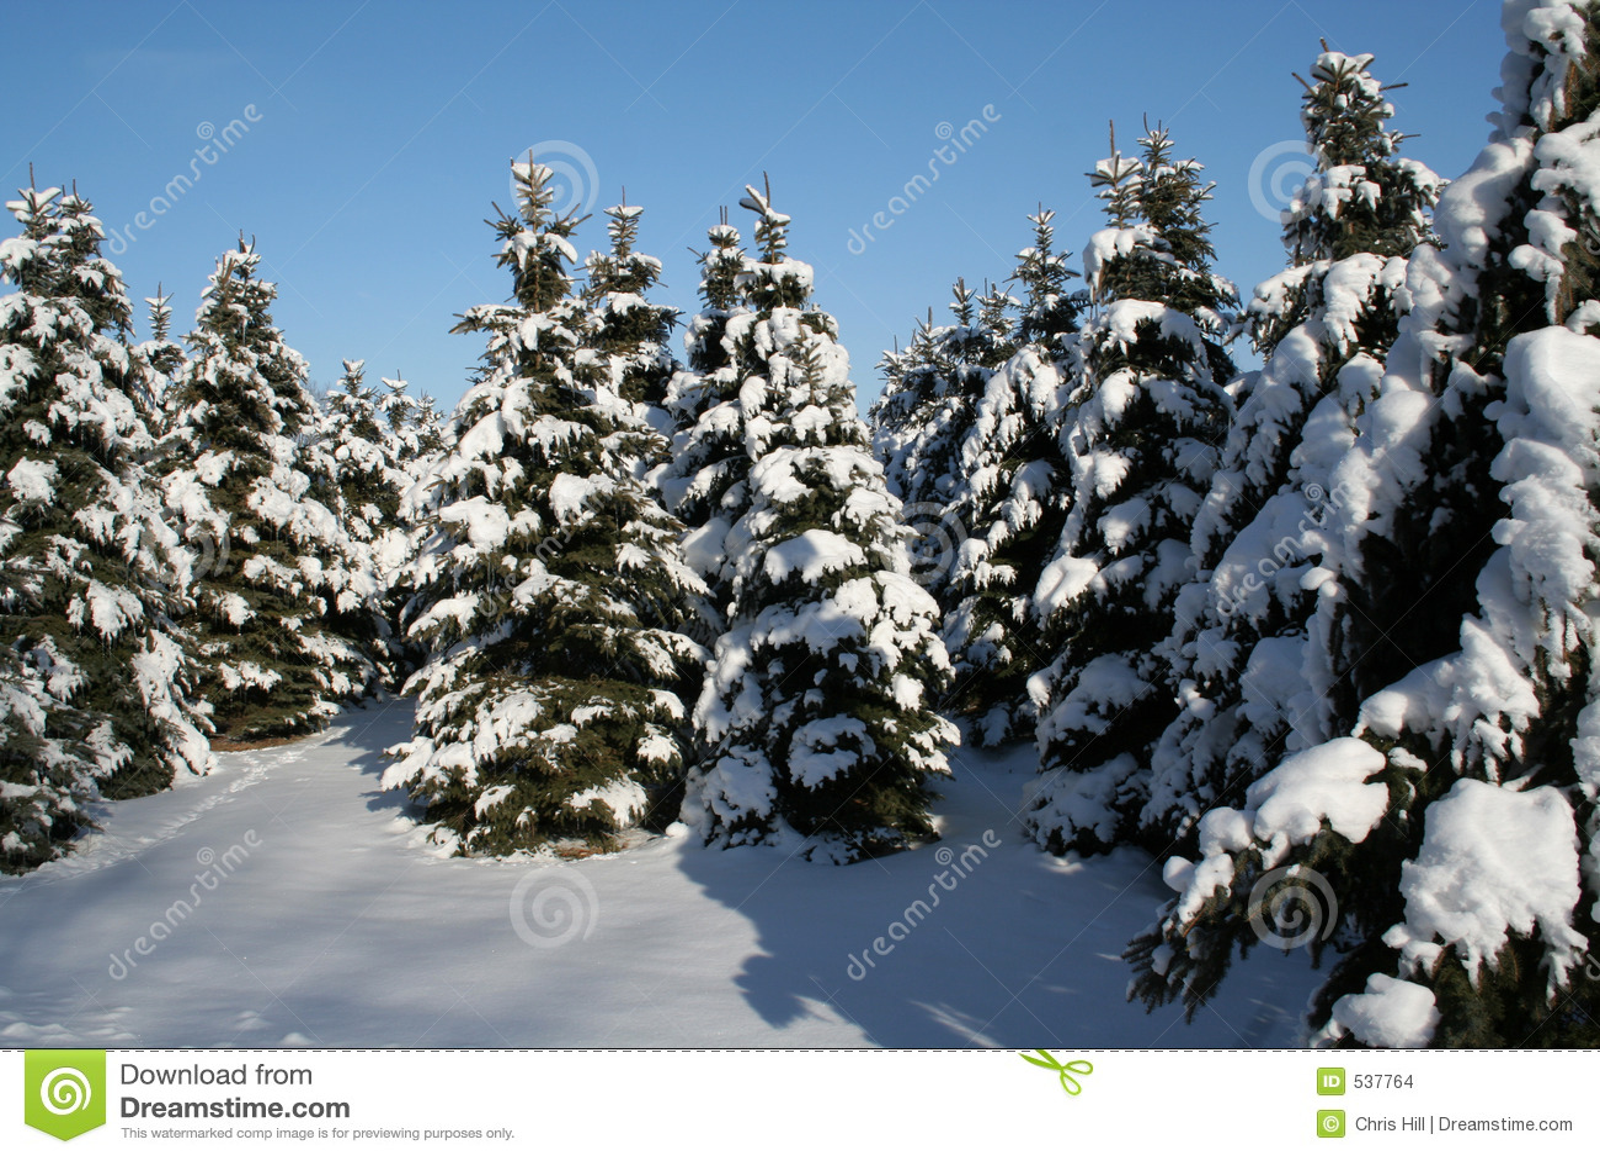 Rboles de hoja perenne nevado foto de archivo imagen de for Arboles de hoja perenne en madrid